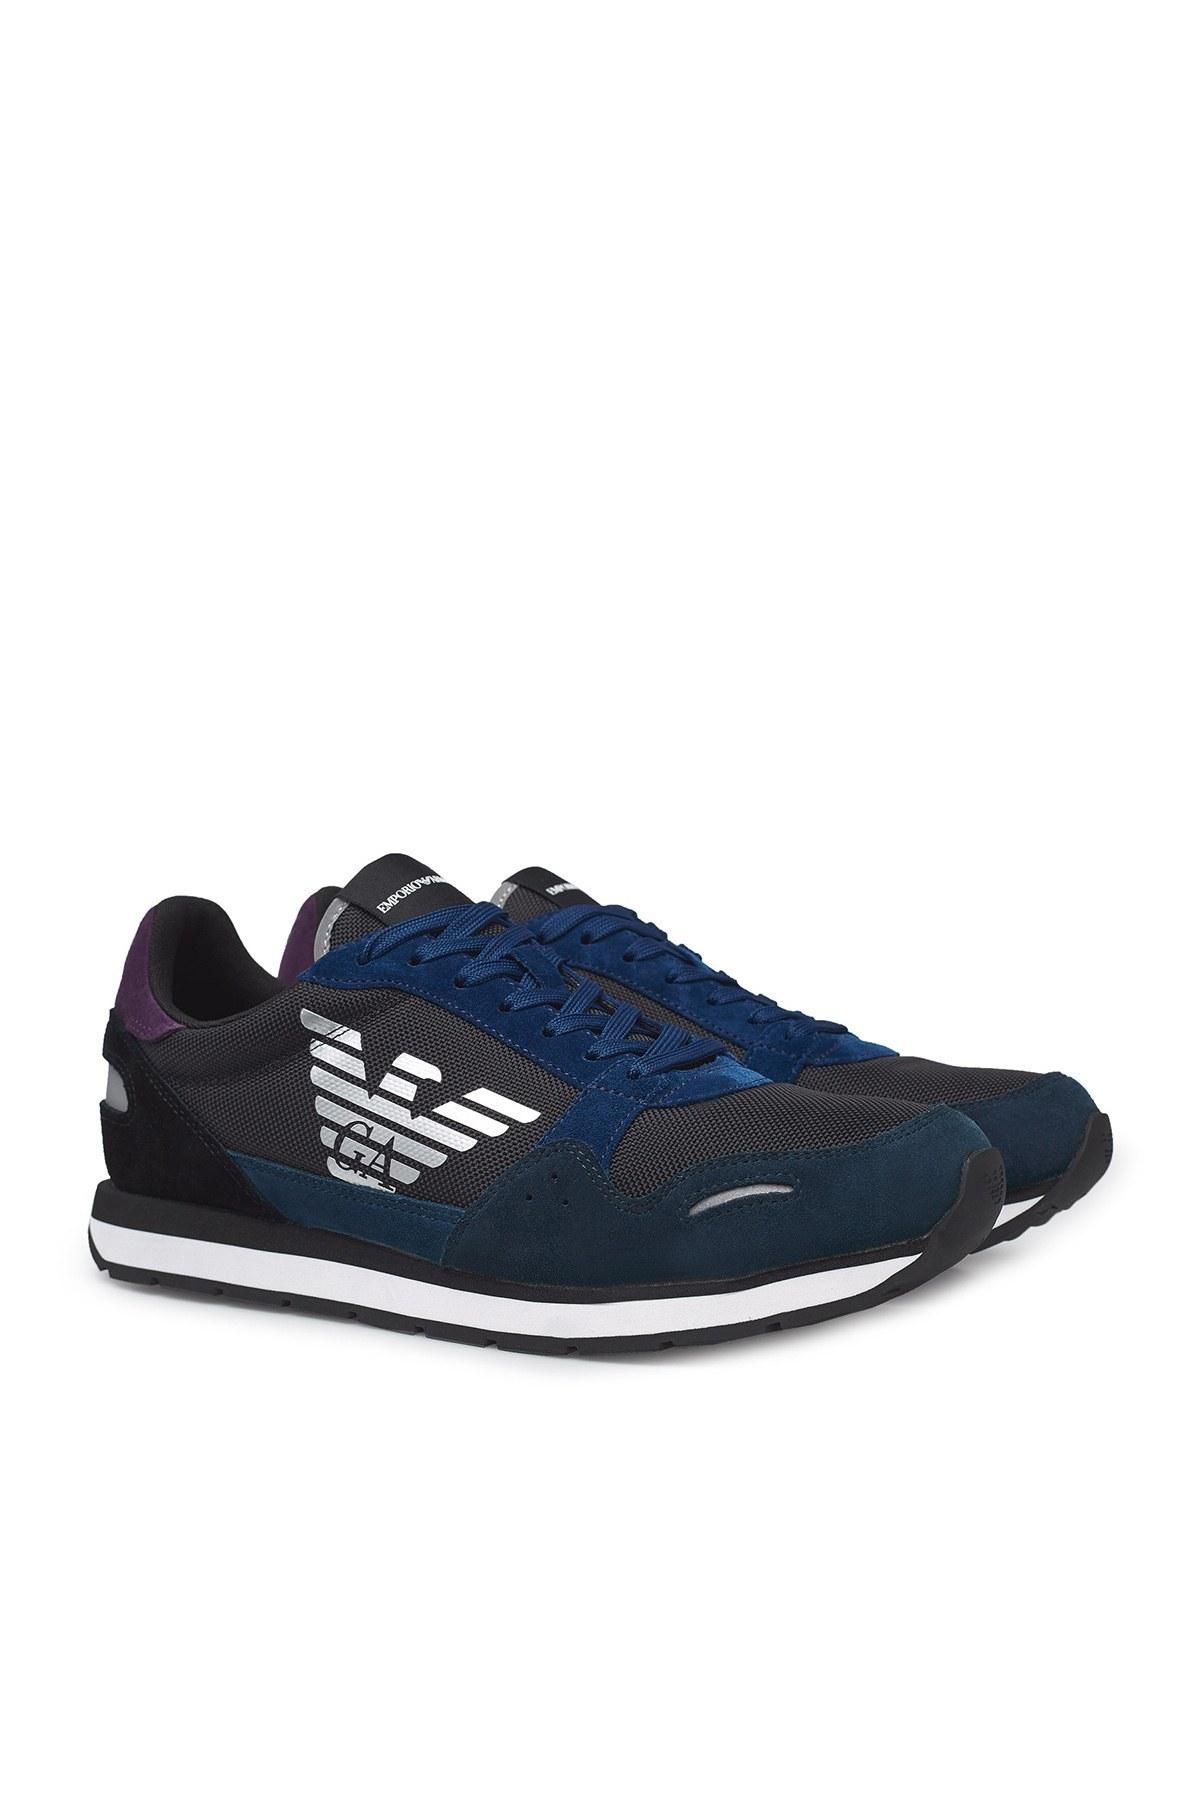 Emporio Armani Erkek Ayakkabı X4X215 XL200 N061 LACİVERT